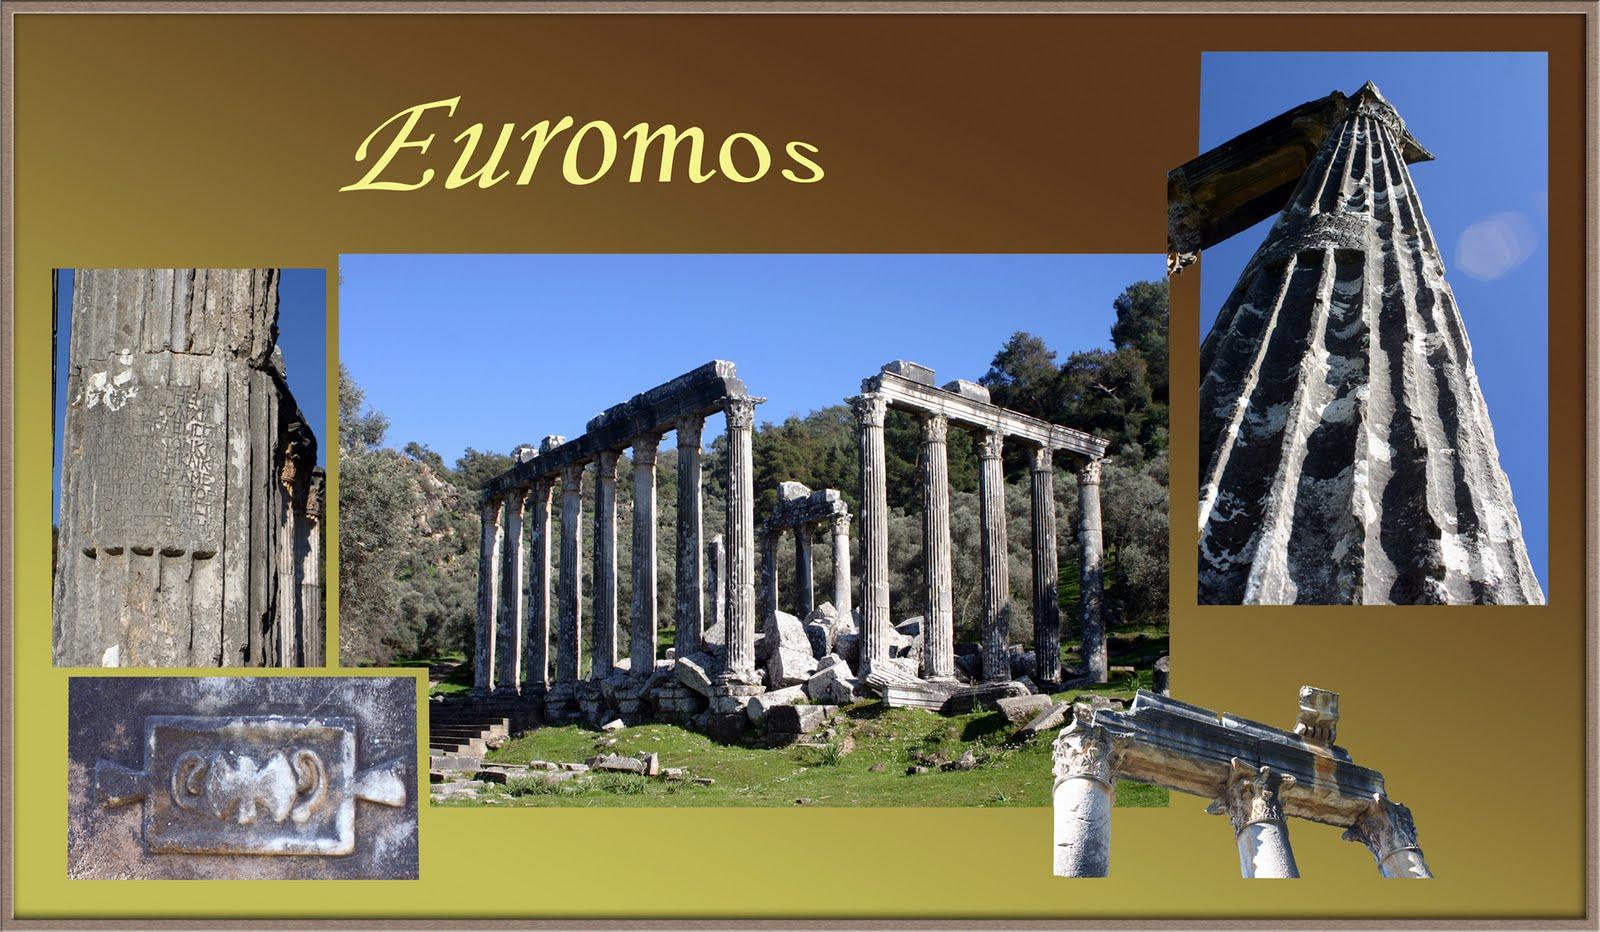 Tarih Fotoğrafları: Nisan 2010